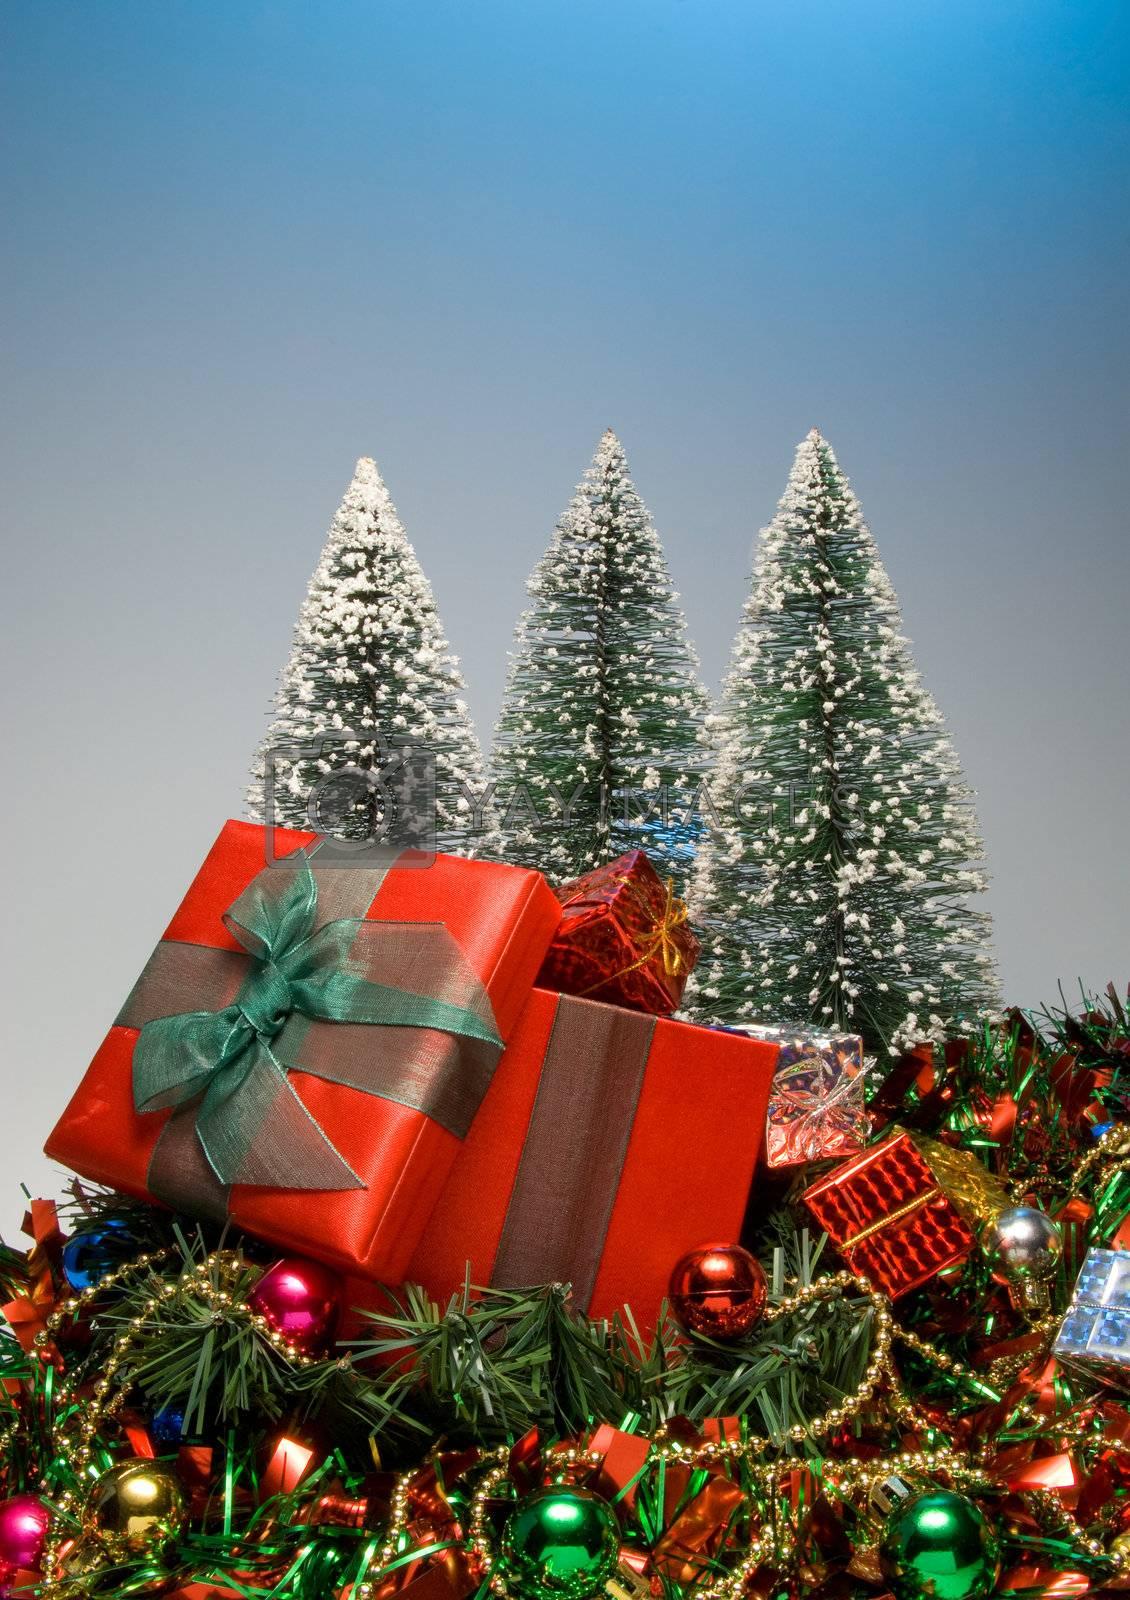 Seasonal presents given during the Christmas season.